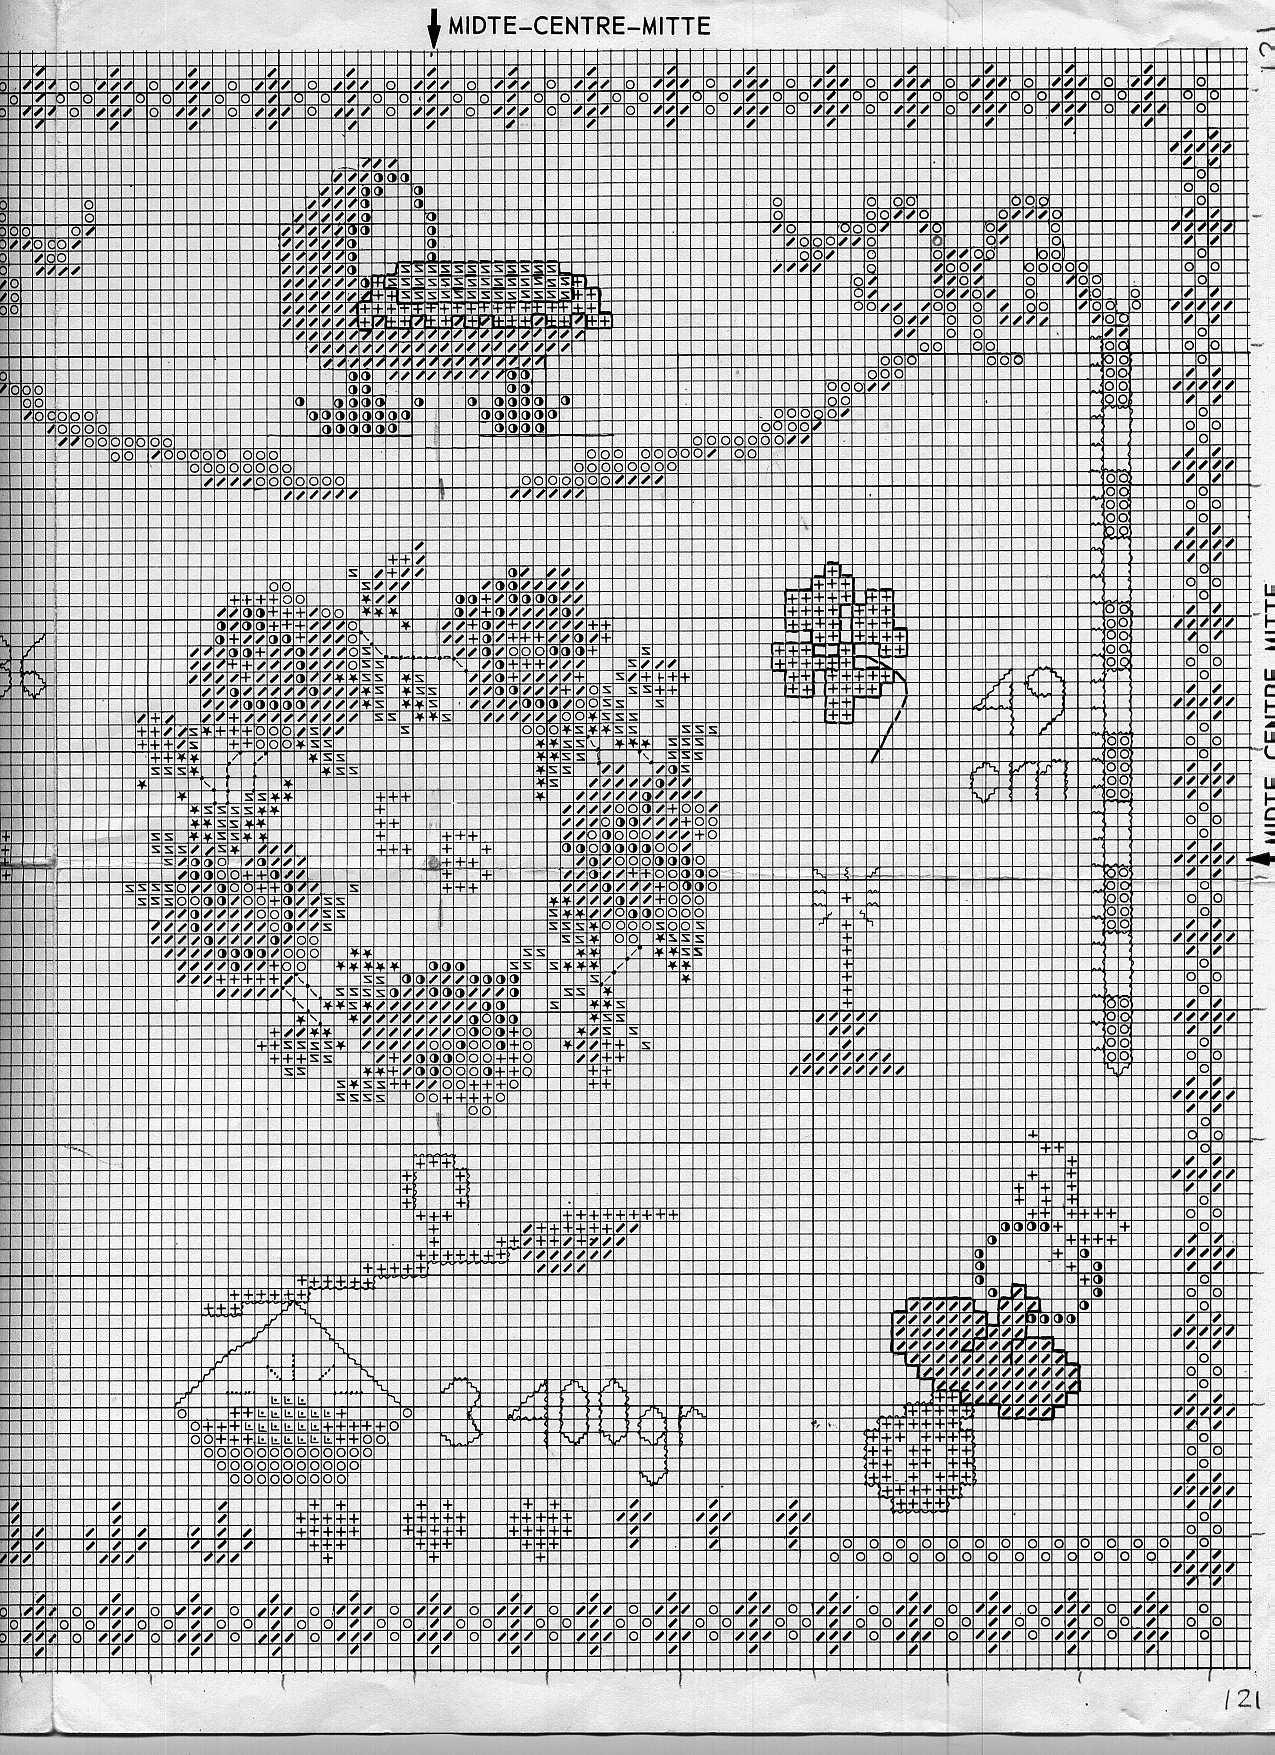 Schema punto croce quadretto nascita fare di una mosca for Quadretto nascita punto croce